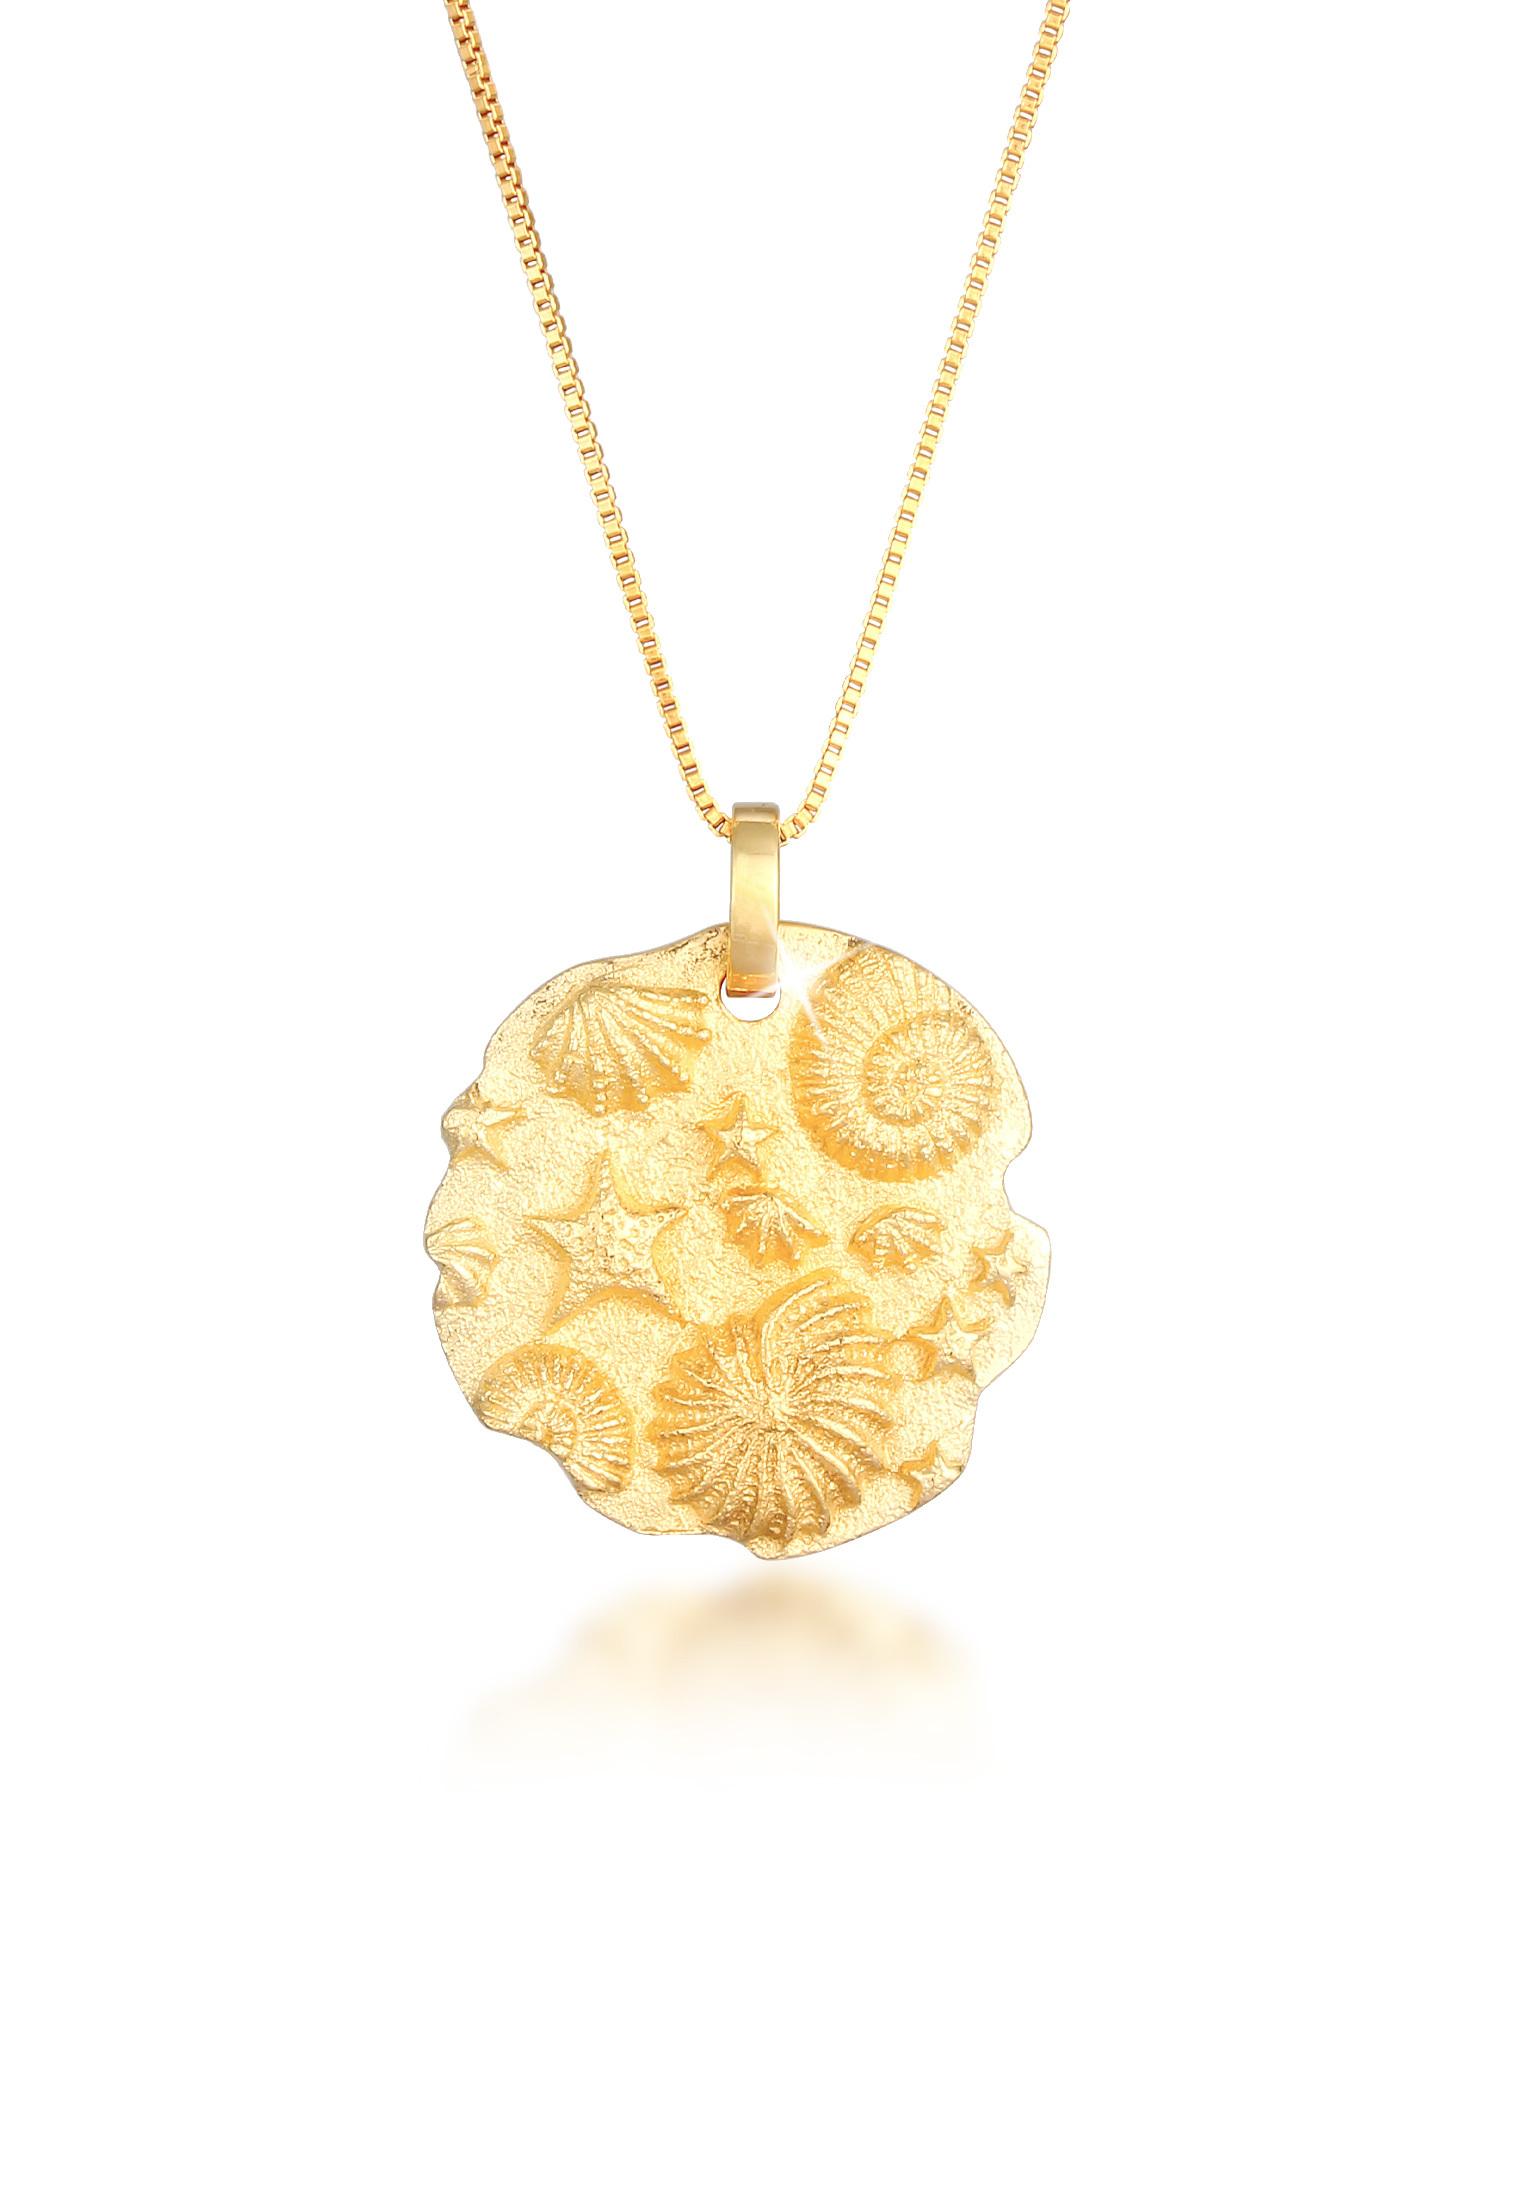 Lange Venezianer-Halskette Münze | 925 Sterling Silber vergoldet